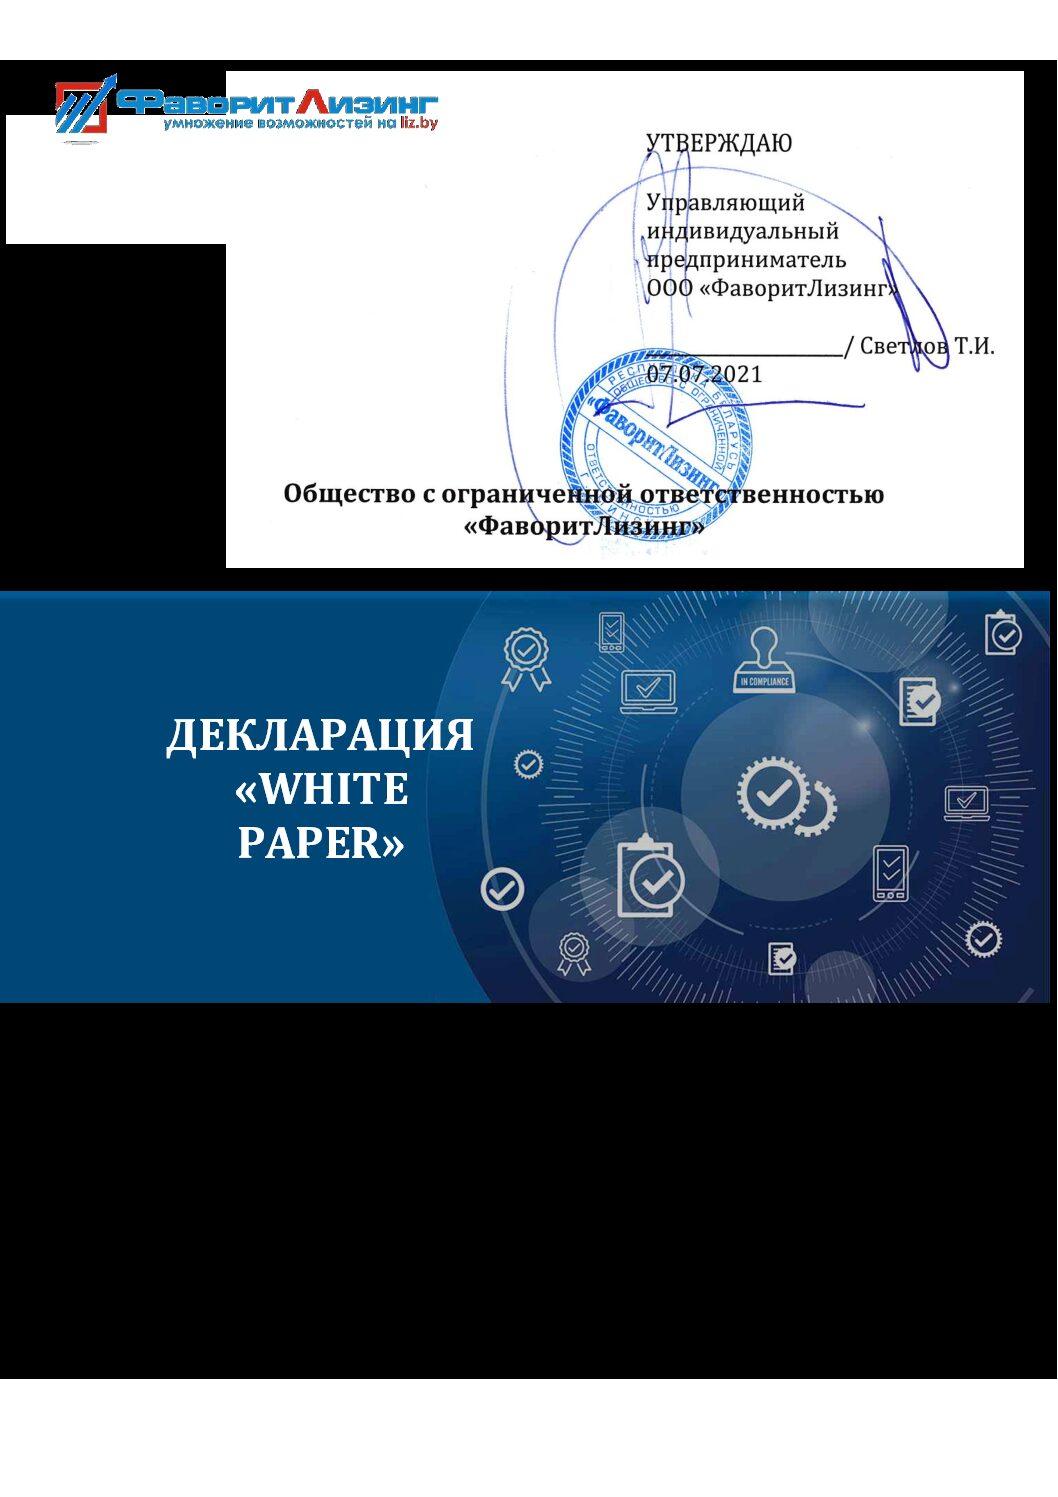 Декларация «White Paper» о создании и размещении цифровых знаков USD_136